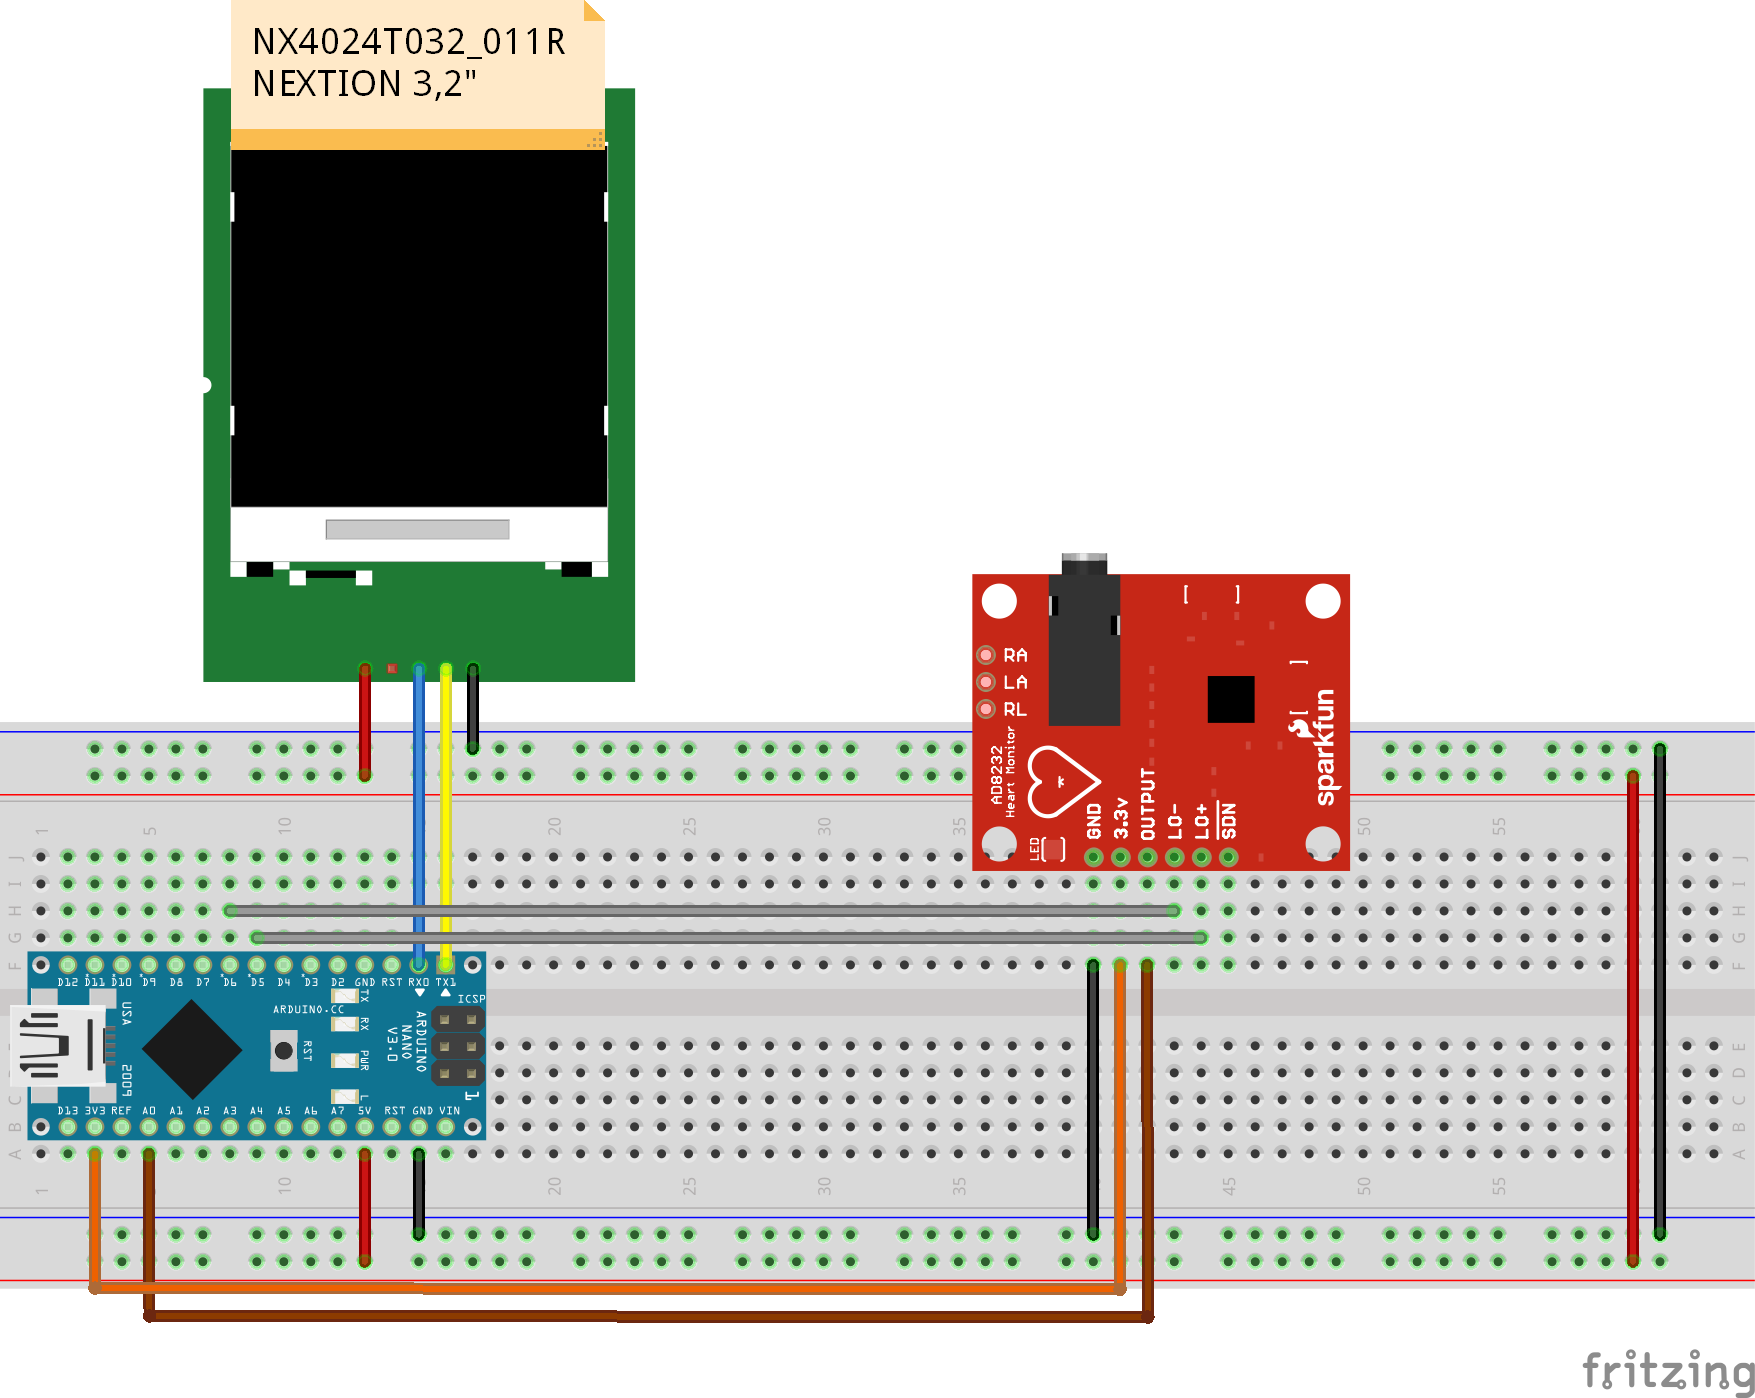 GitHub - gabrielborralho/EKG-Nextion-Display: This